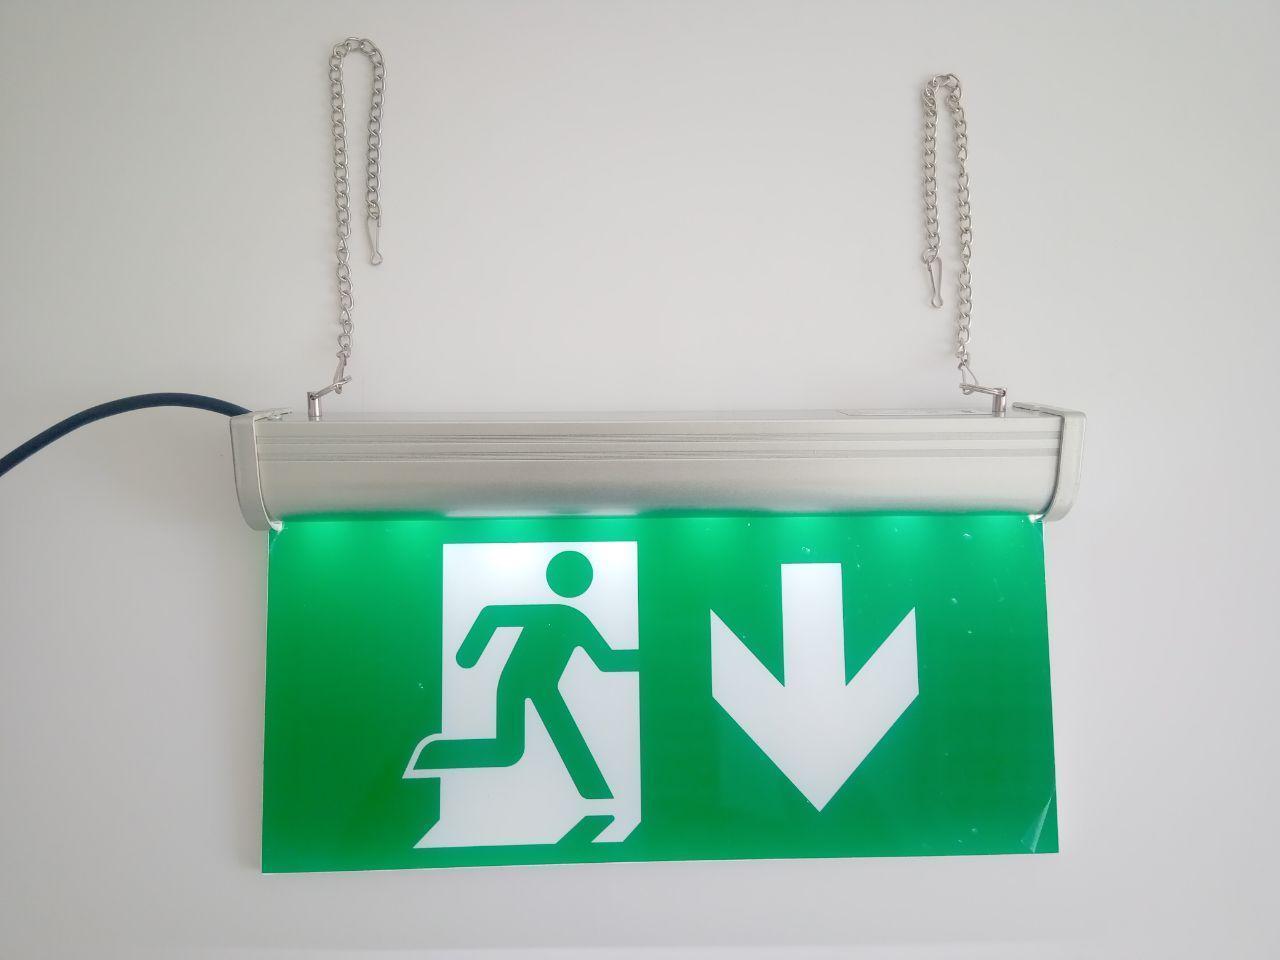 Указатель эвакуационного выхода со стрелкой вниз аккумуляторный для аварийного освещения 220В